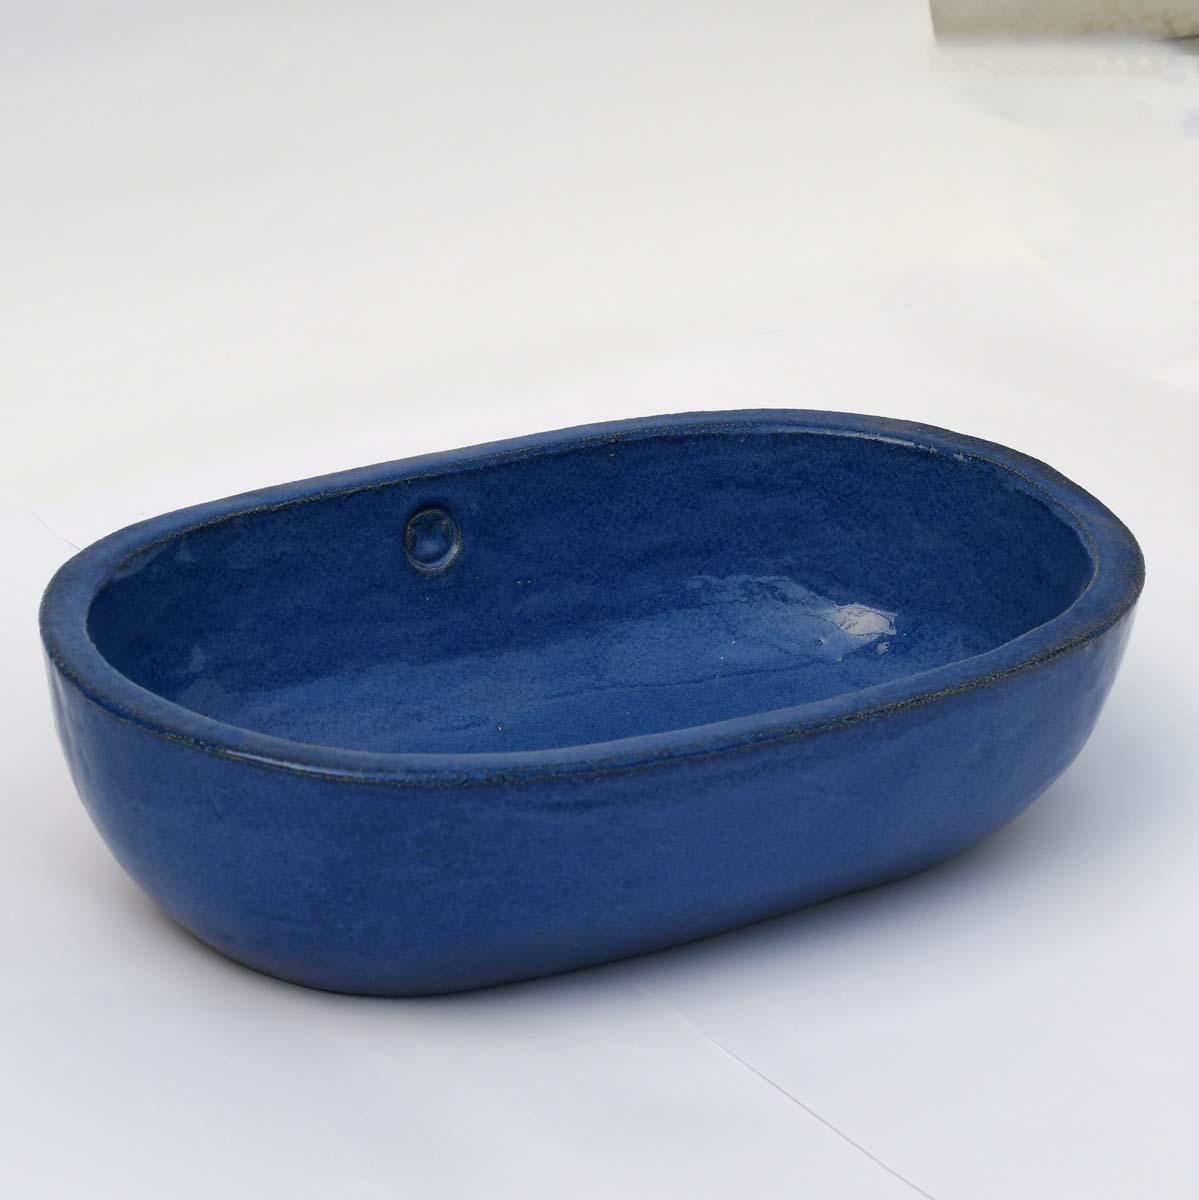 כיור אמבטיה קטן אובאלי בצבע כחול